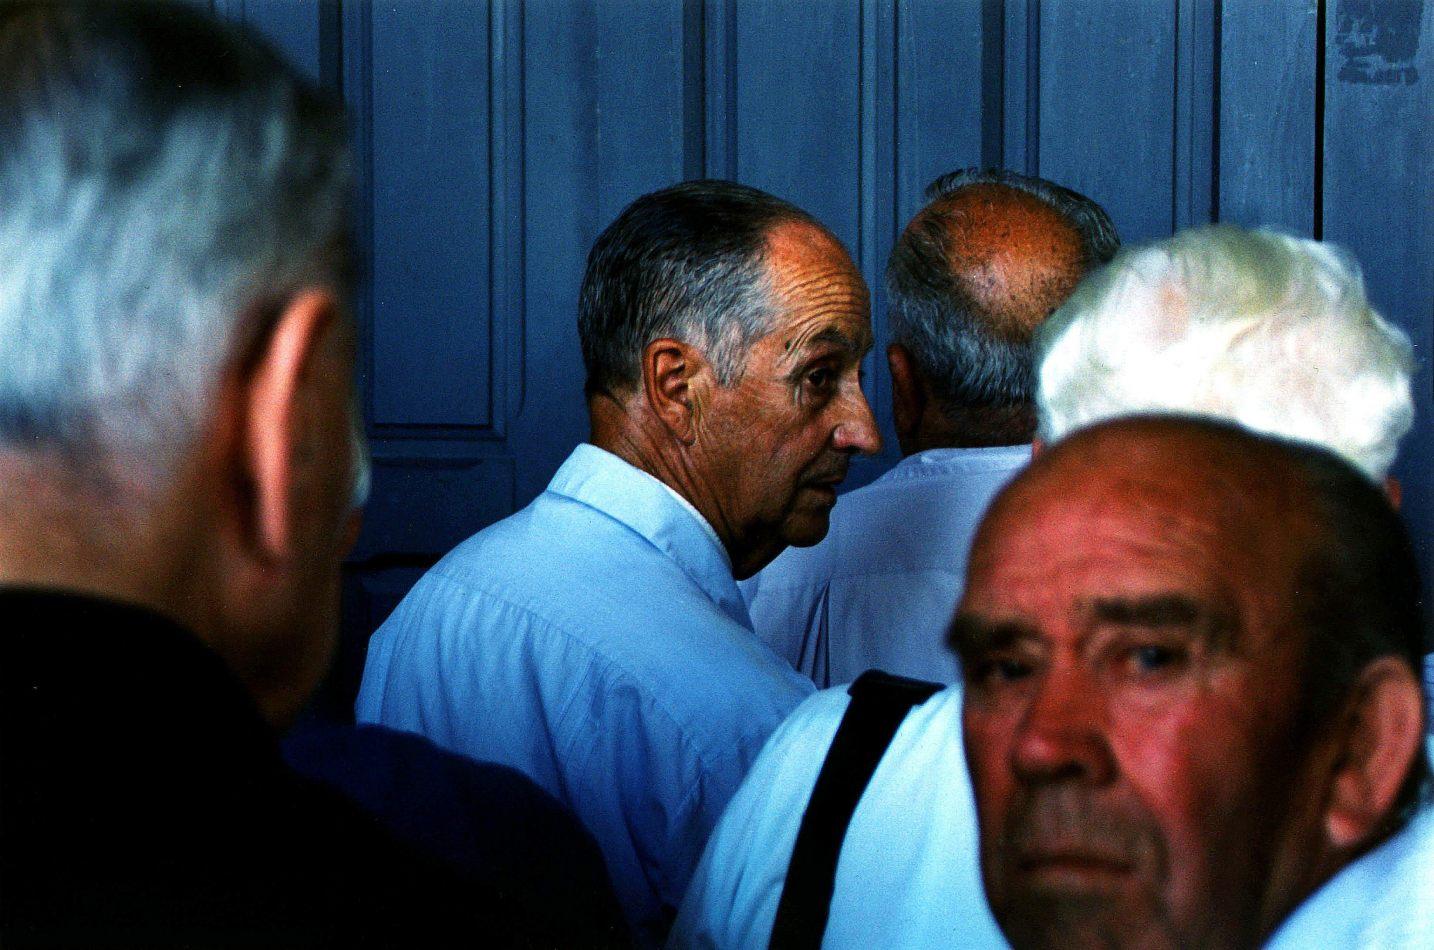 Anthony Ellis Photography: Around the Edges - Old Men Waiting